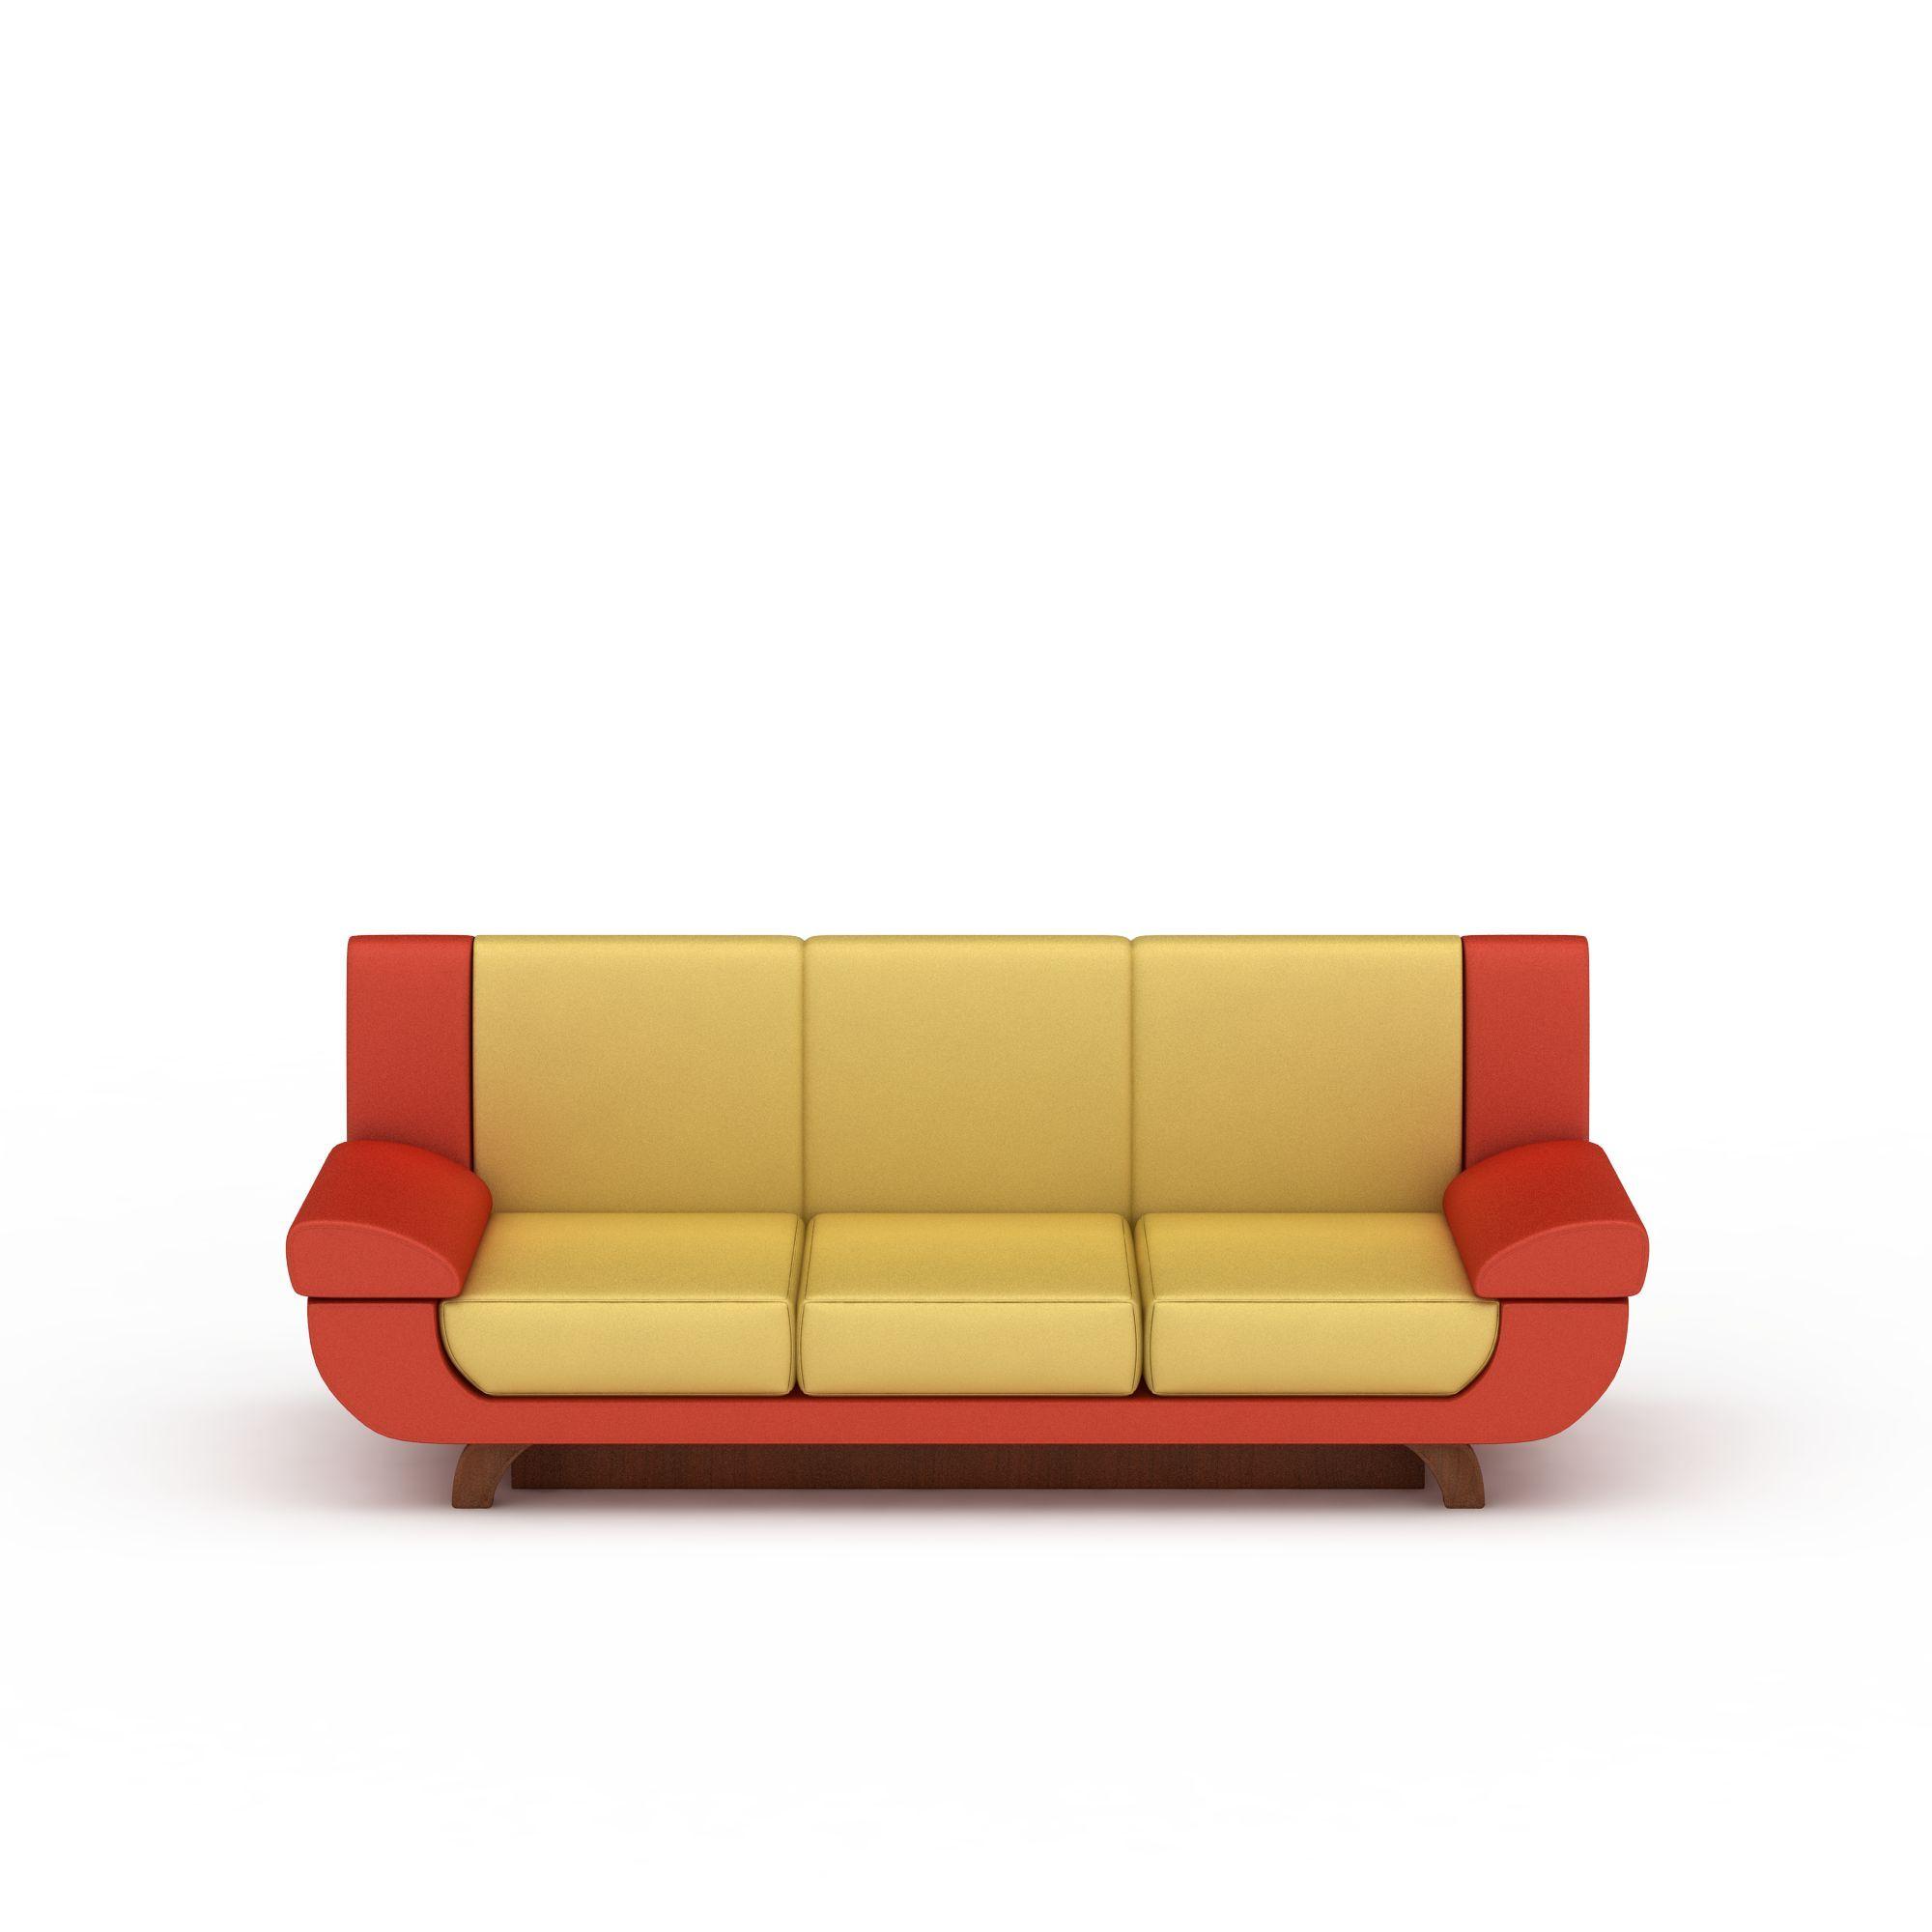 时尚沙发png高清图片下载